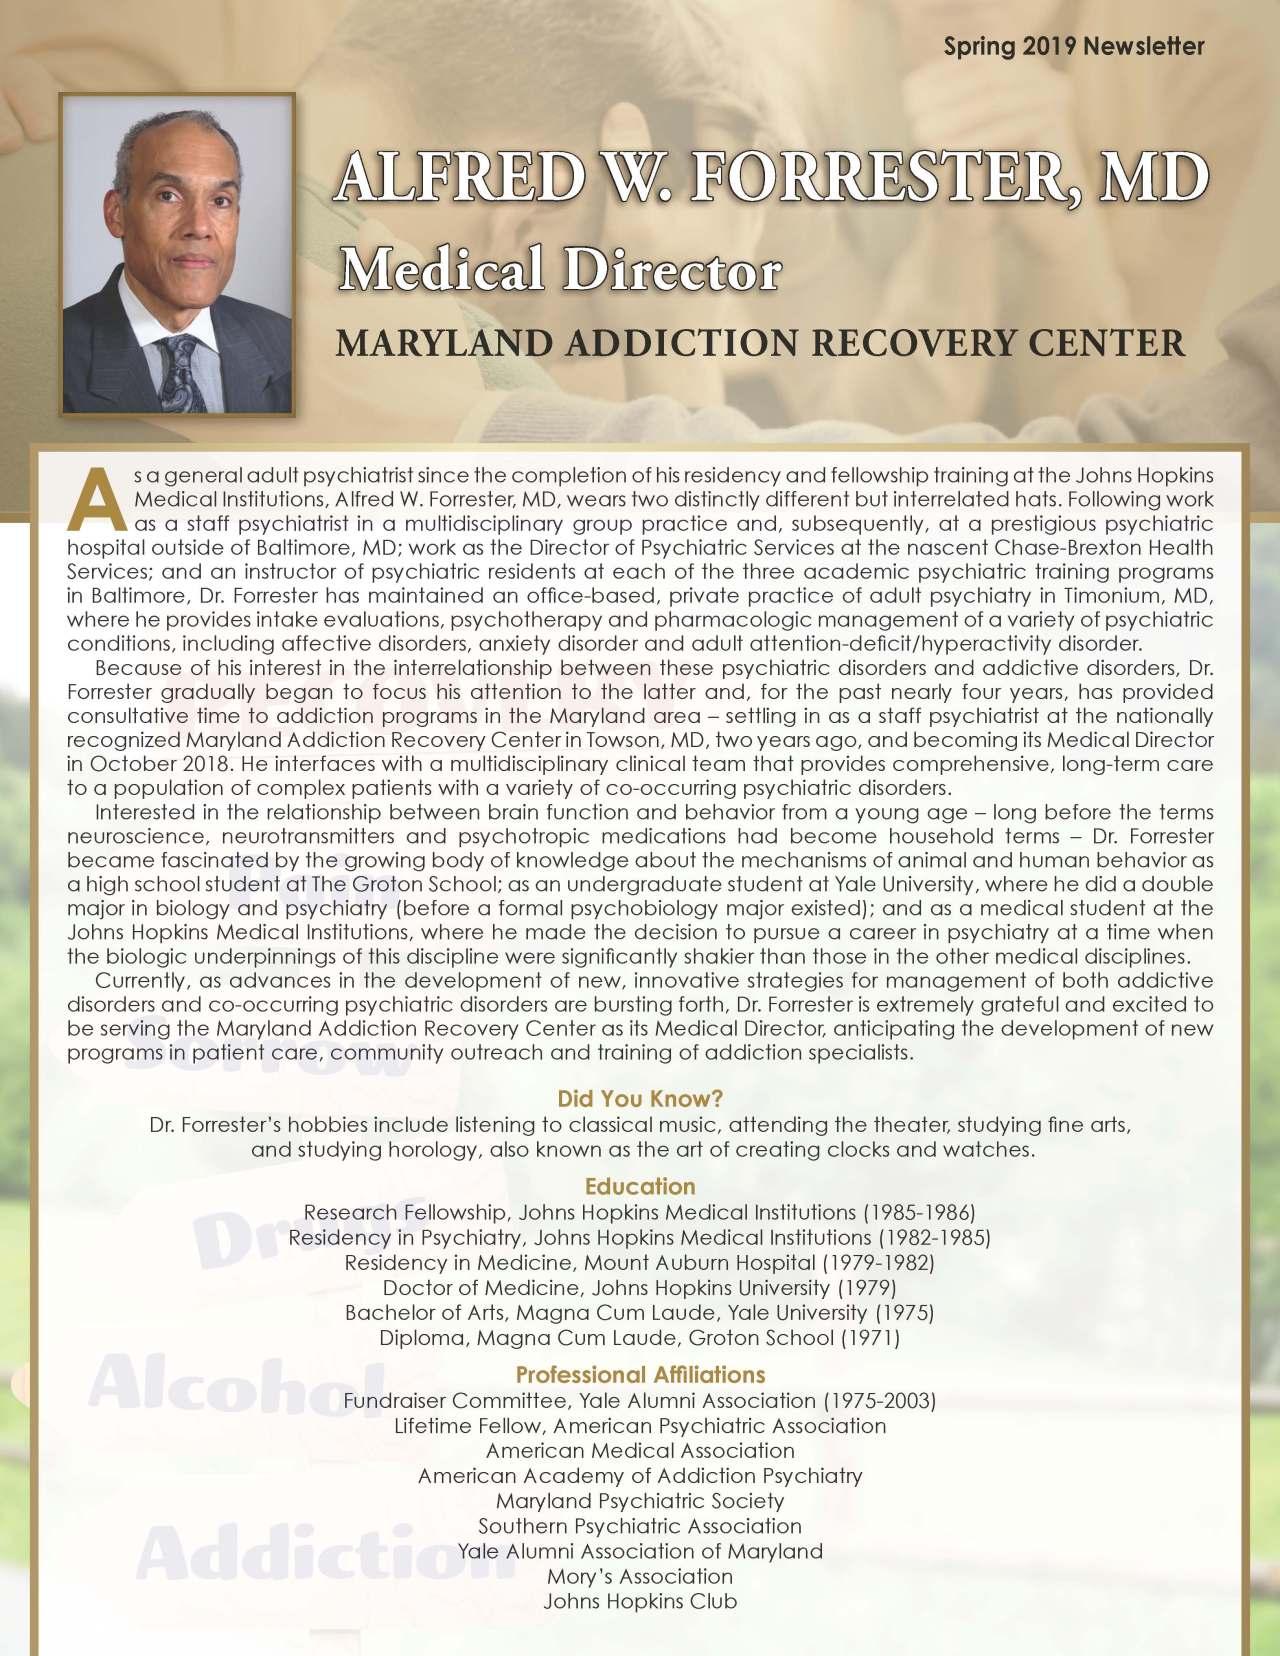 Forrester, Alfred 2161686_6499503 Newsletter REVISED